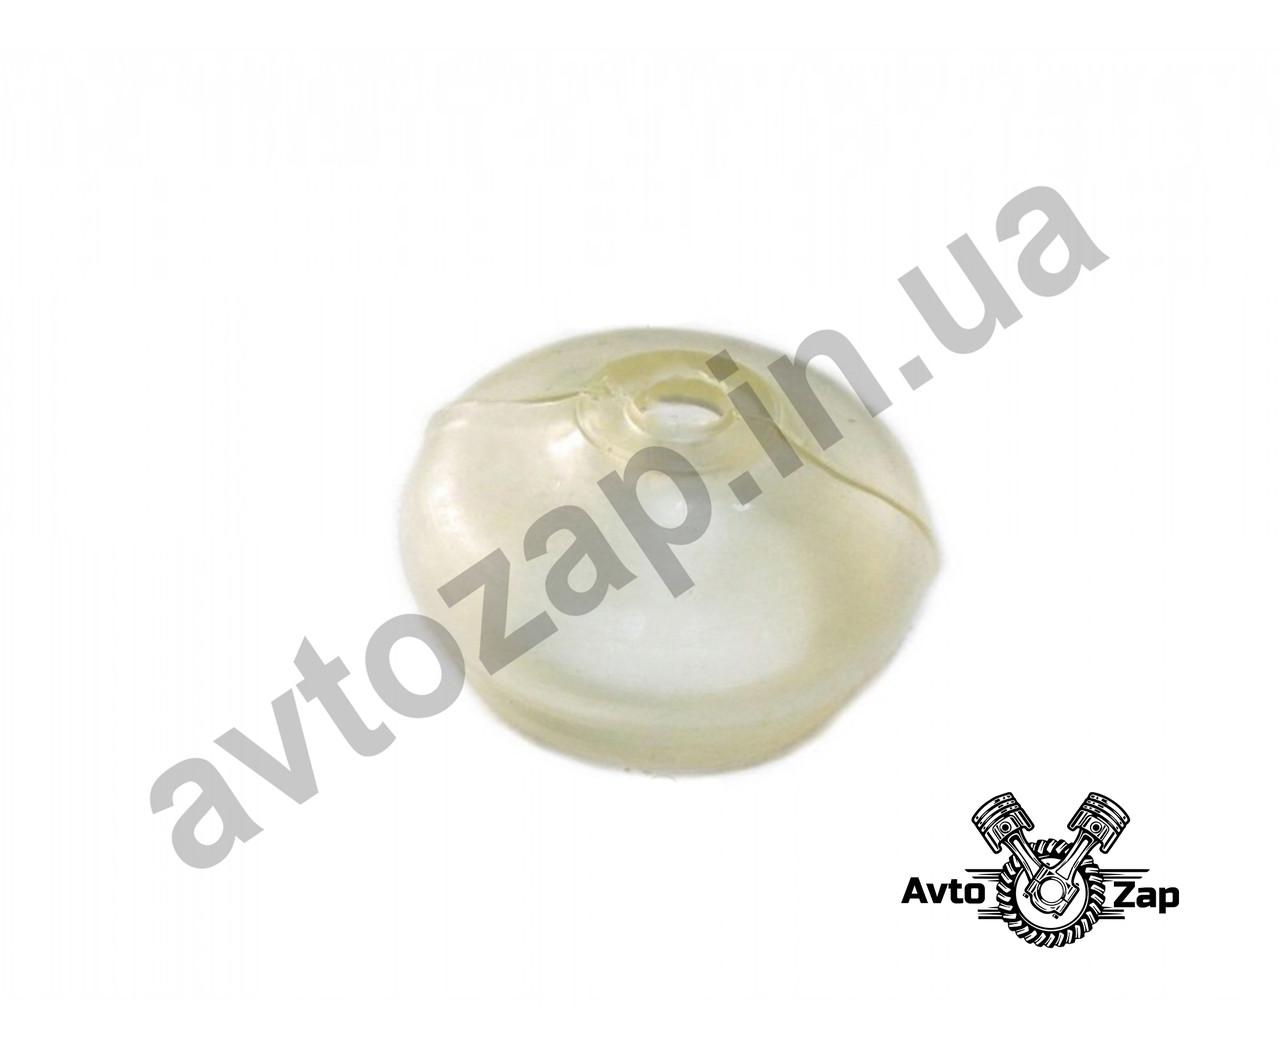 Пыльник рулевого пальца Москвич 412 силиконовый